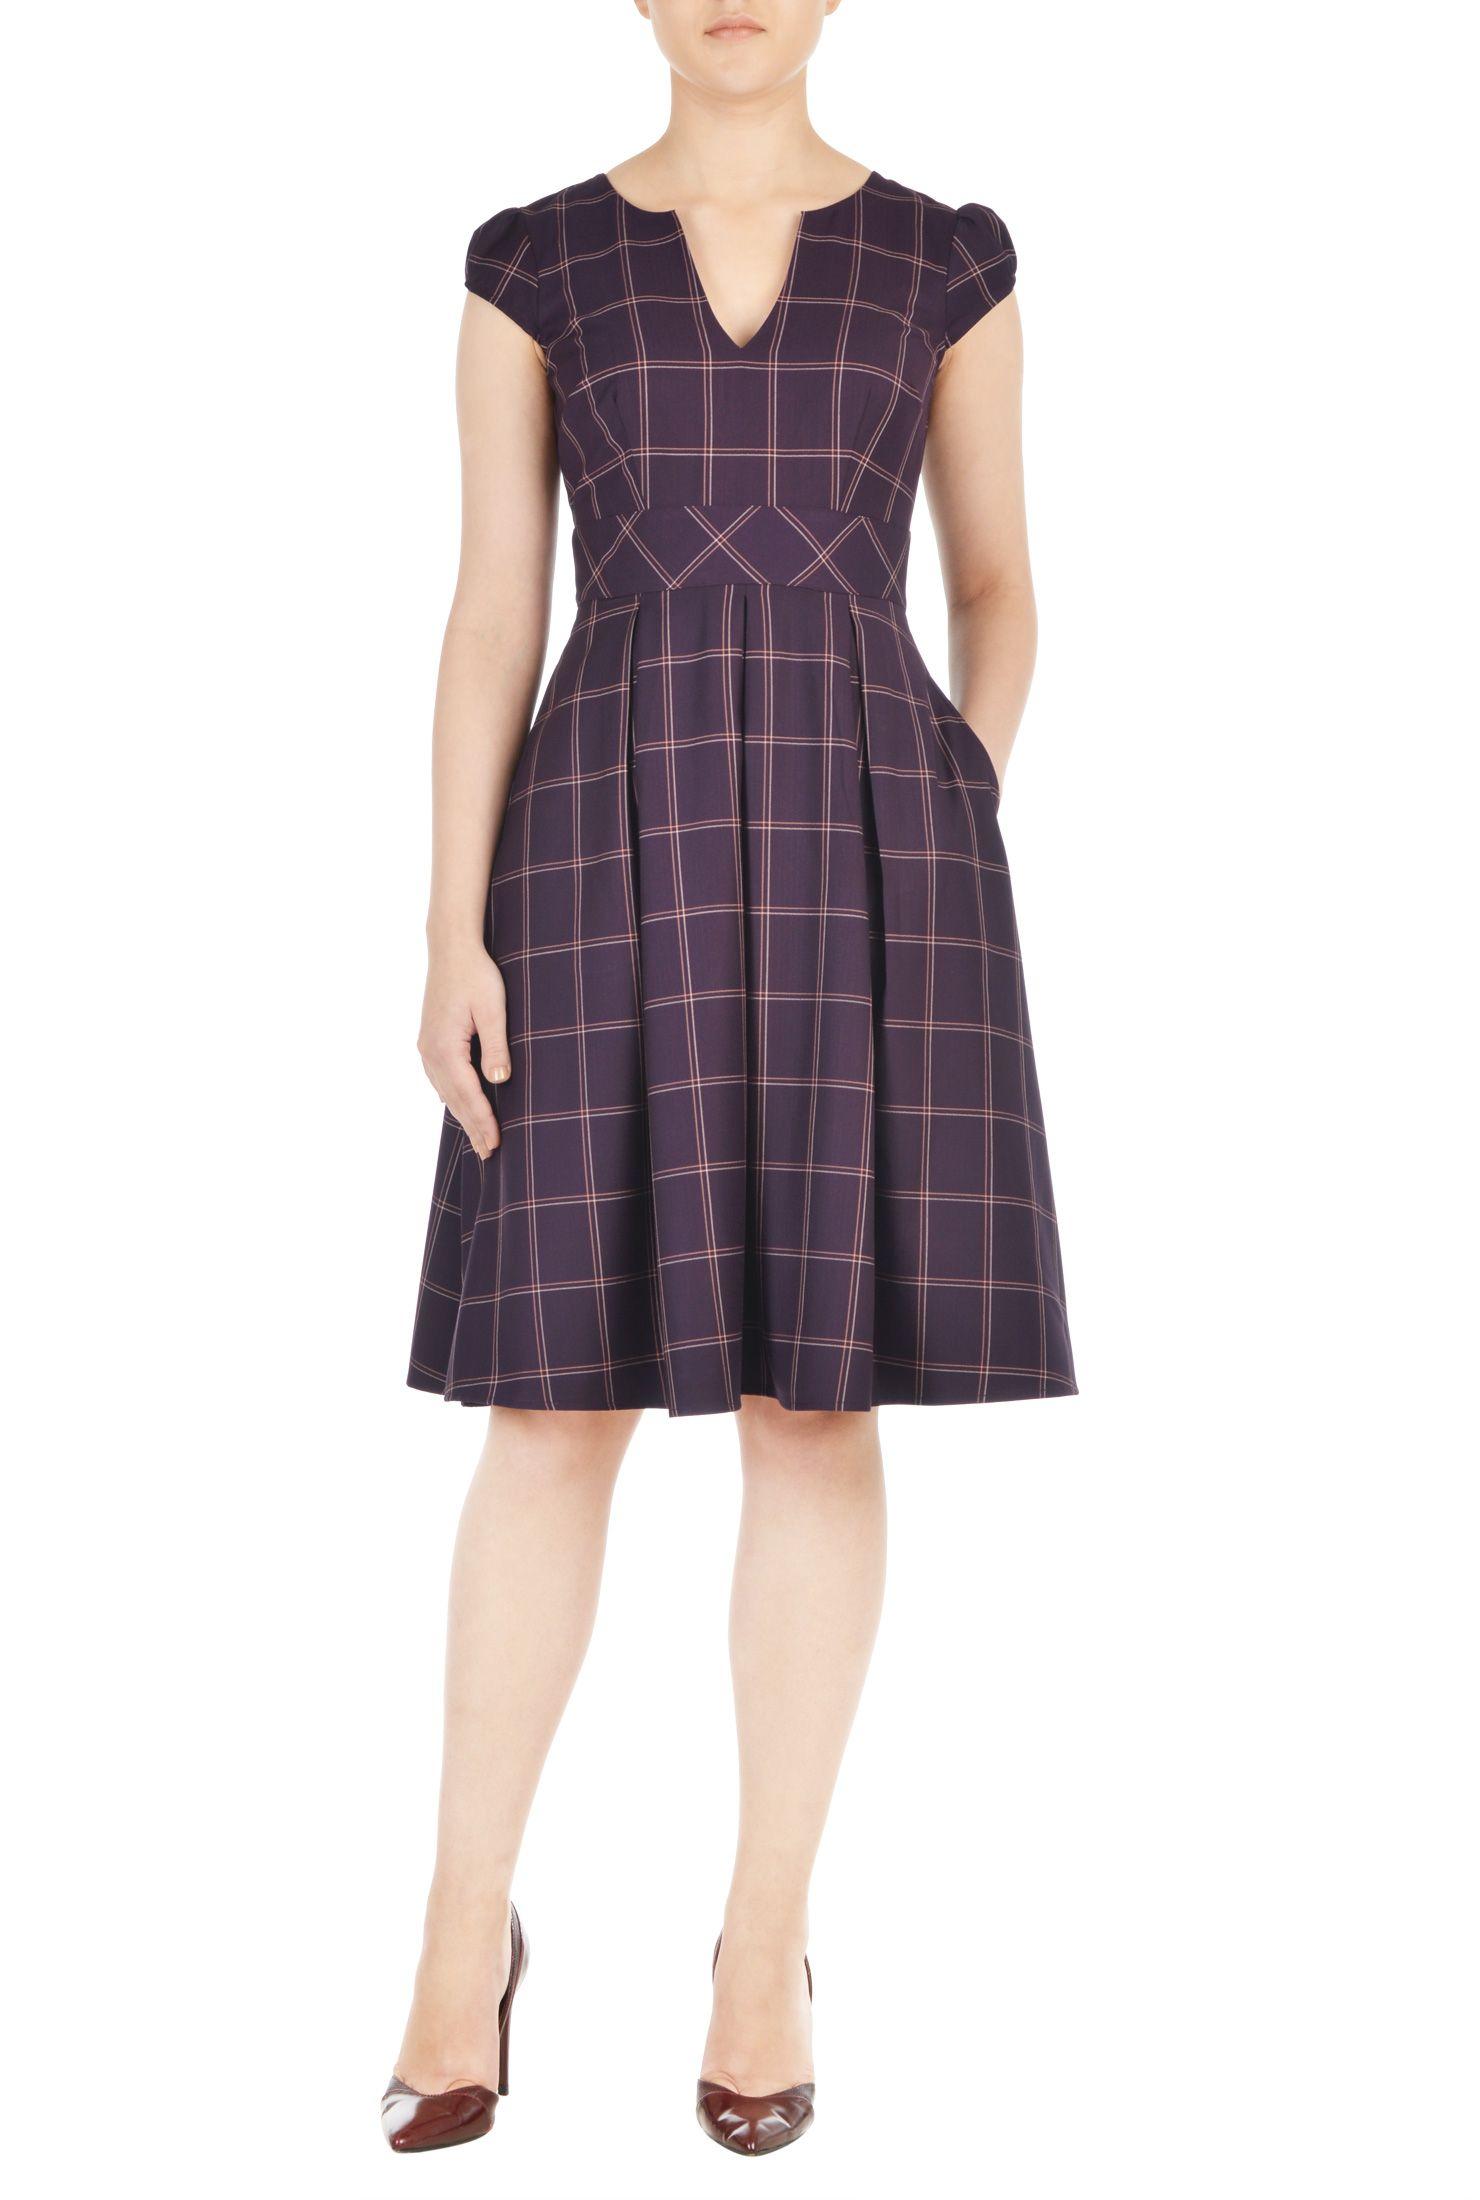 Windowpane check notch neck dress | Box pleat skirt, Box pleats and ...